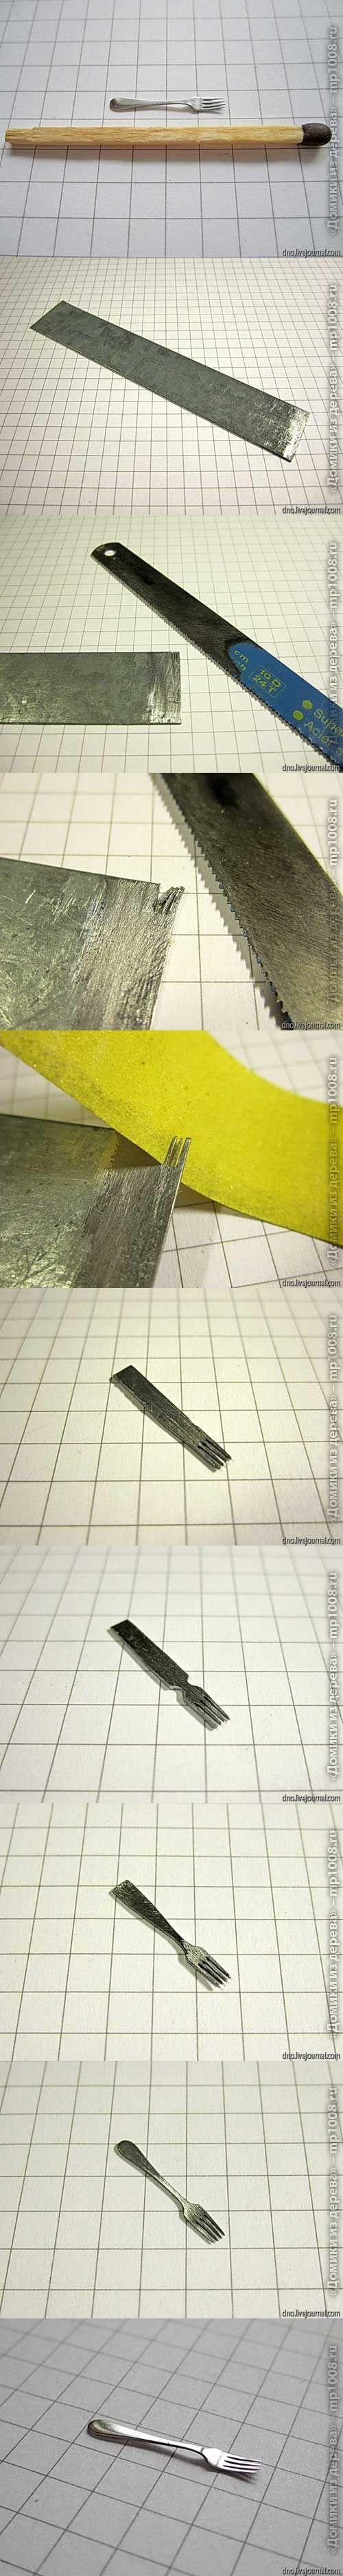 Cómo hacer un tenedor miniatura